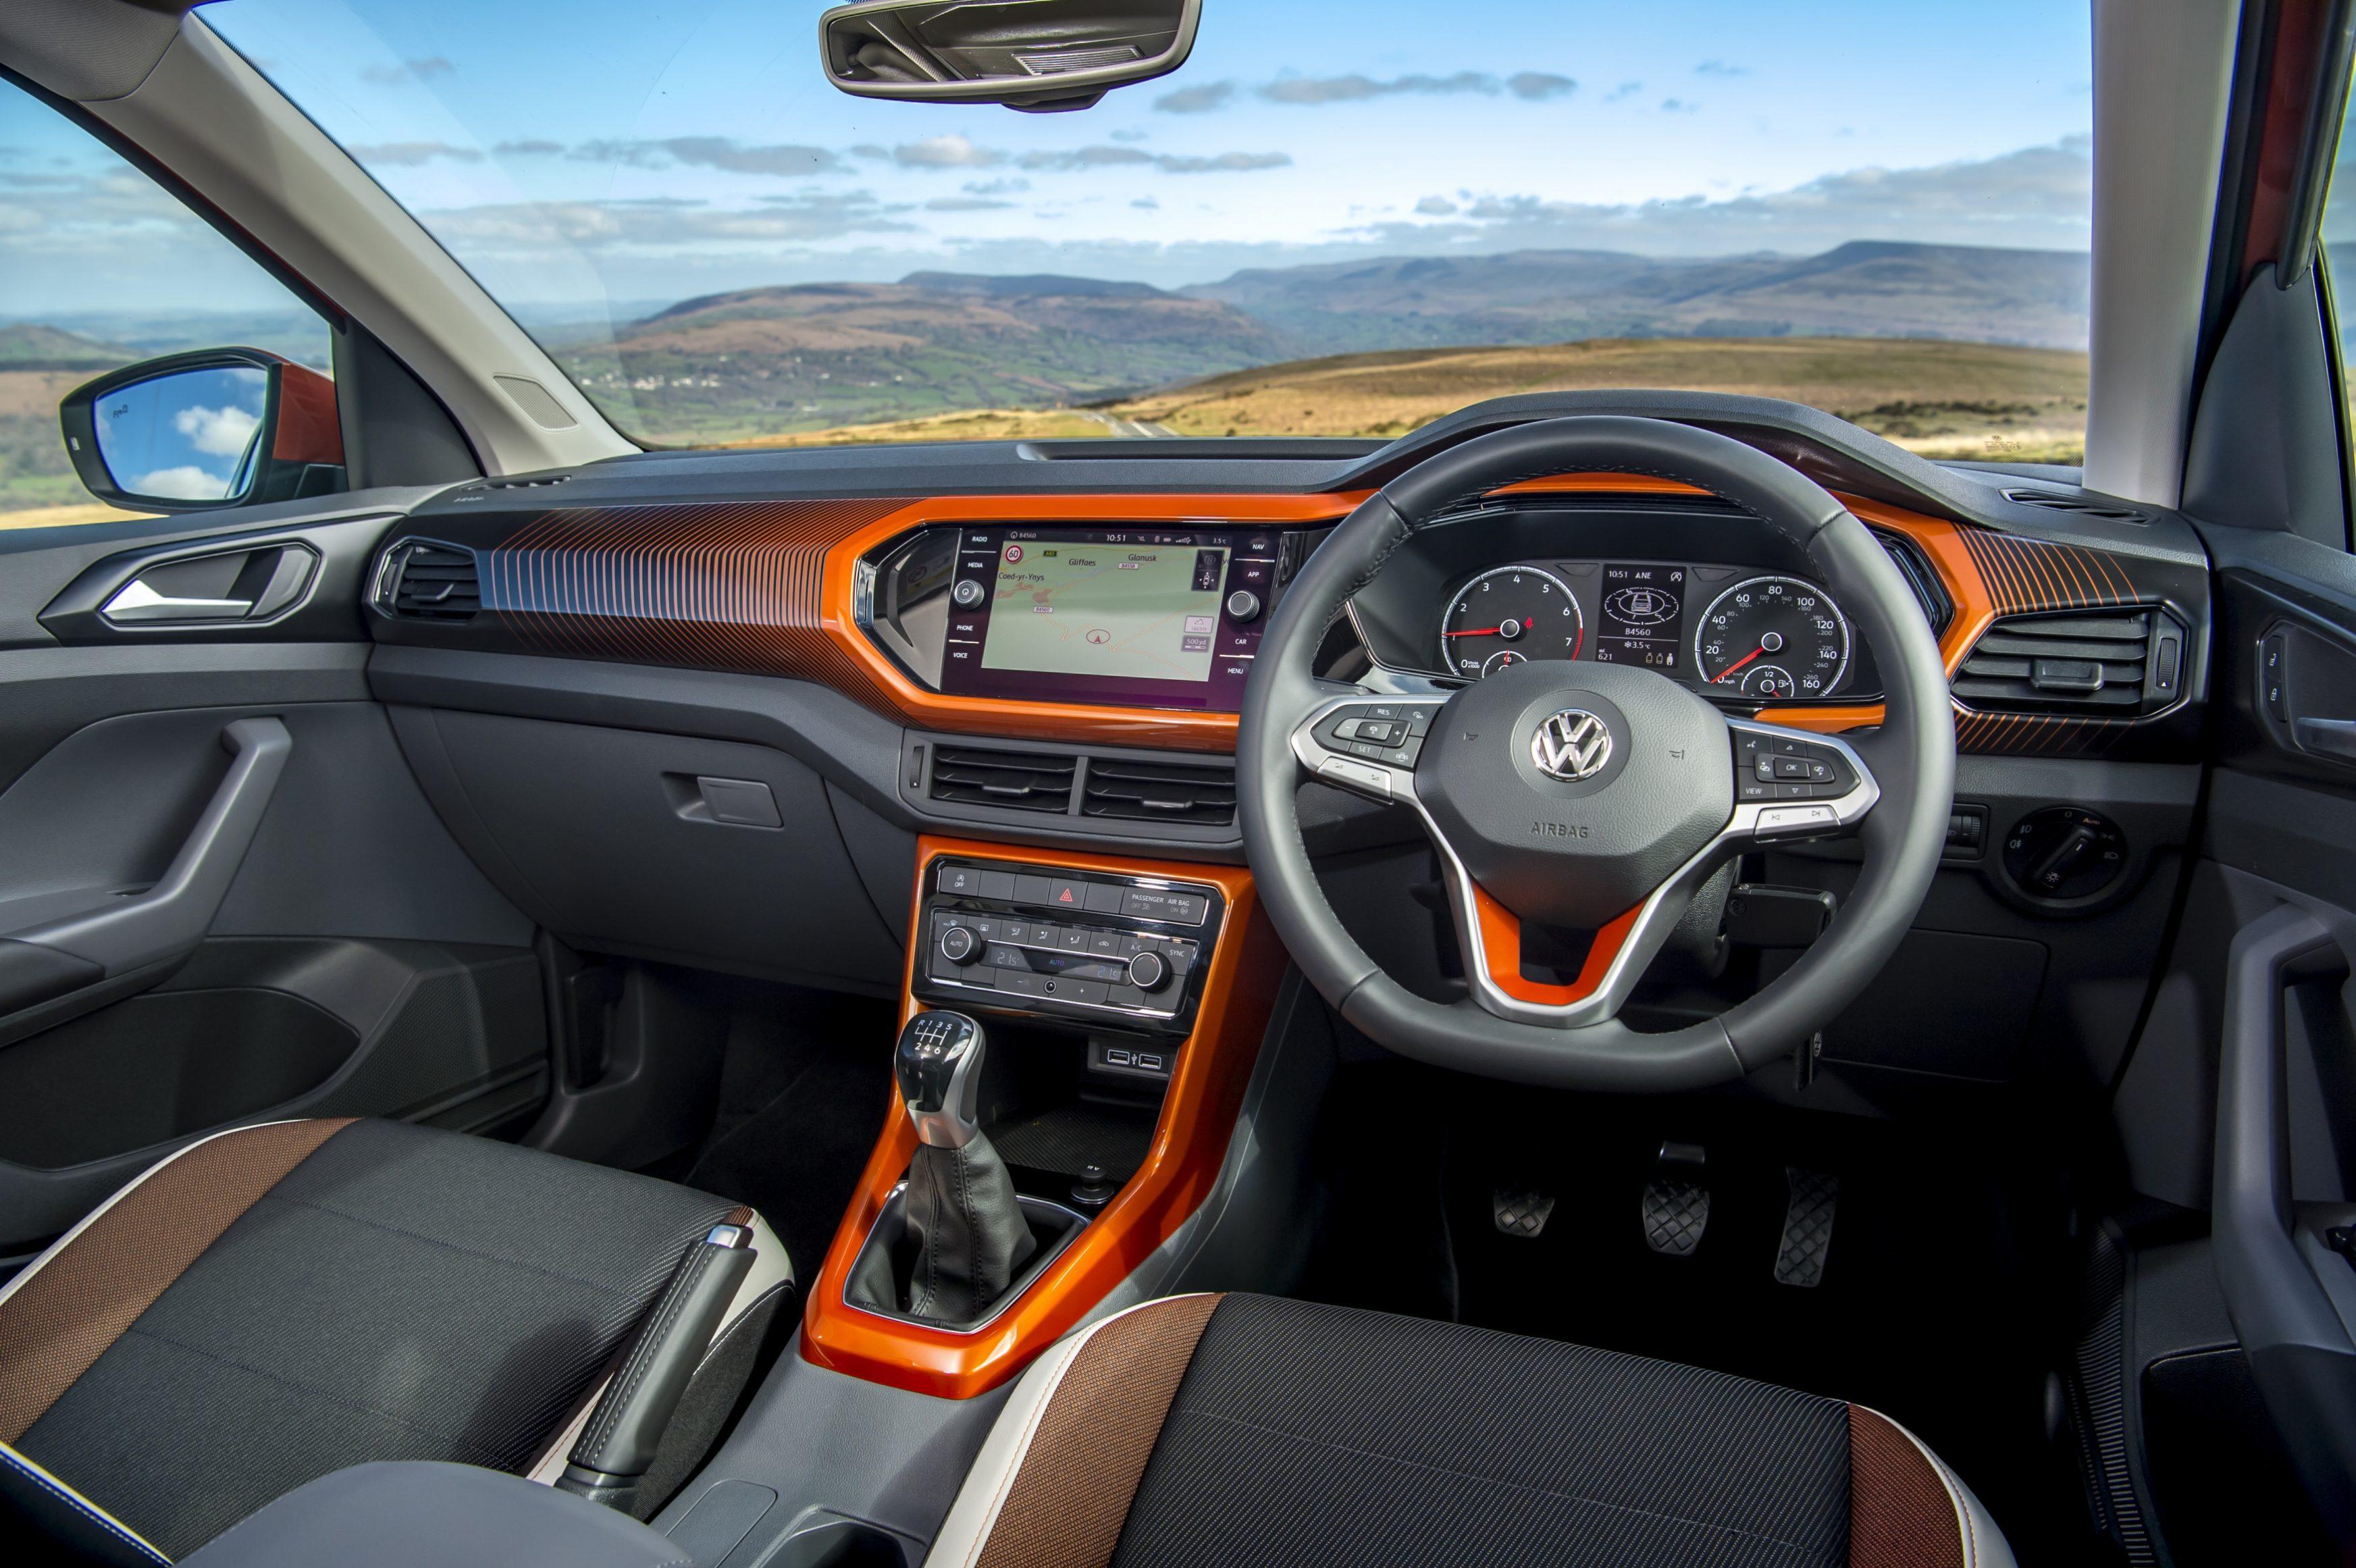 2021 Volkswagen T-Cross interior